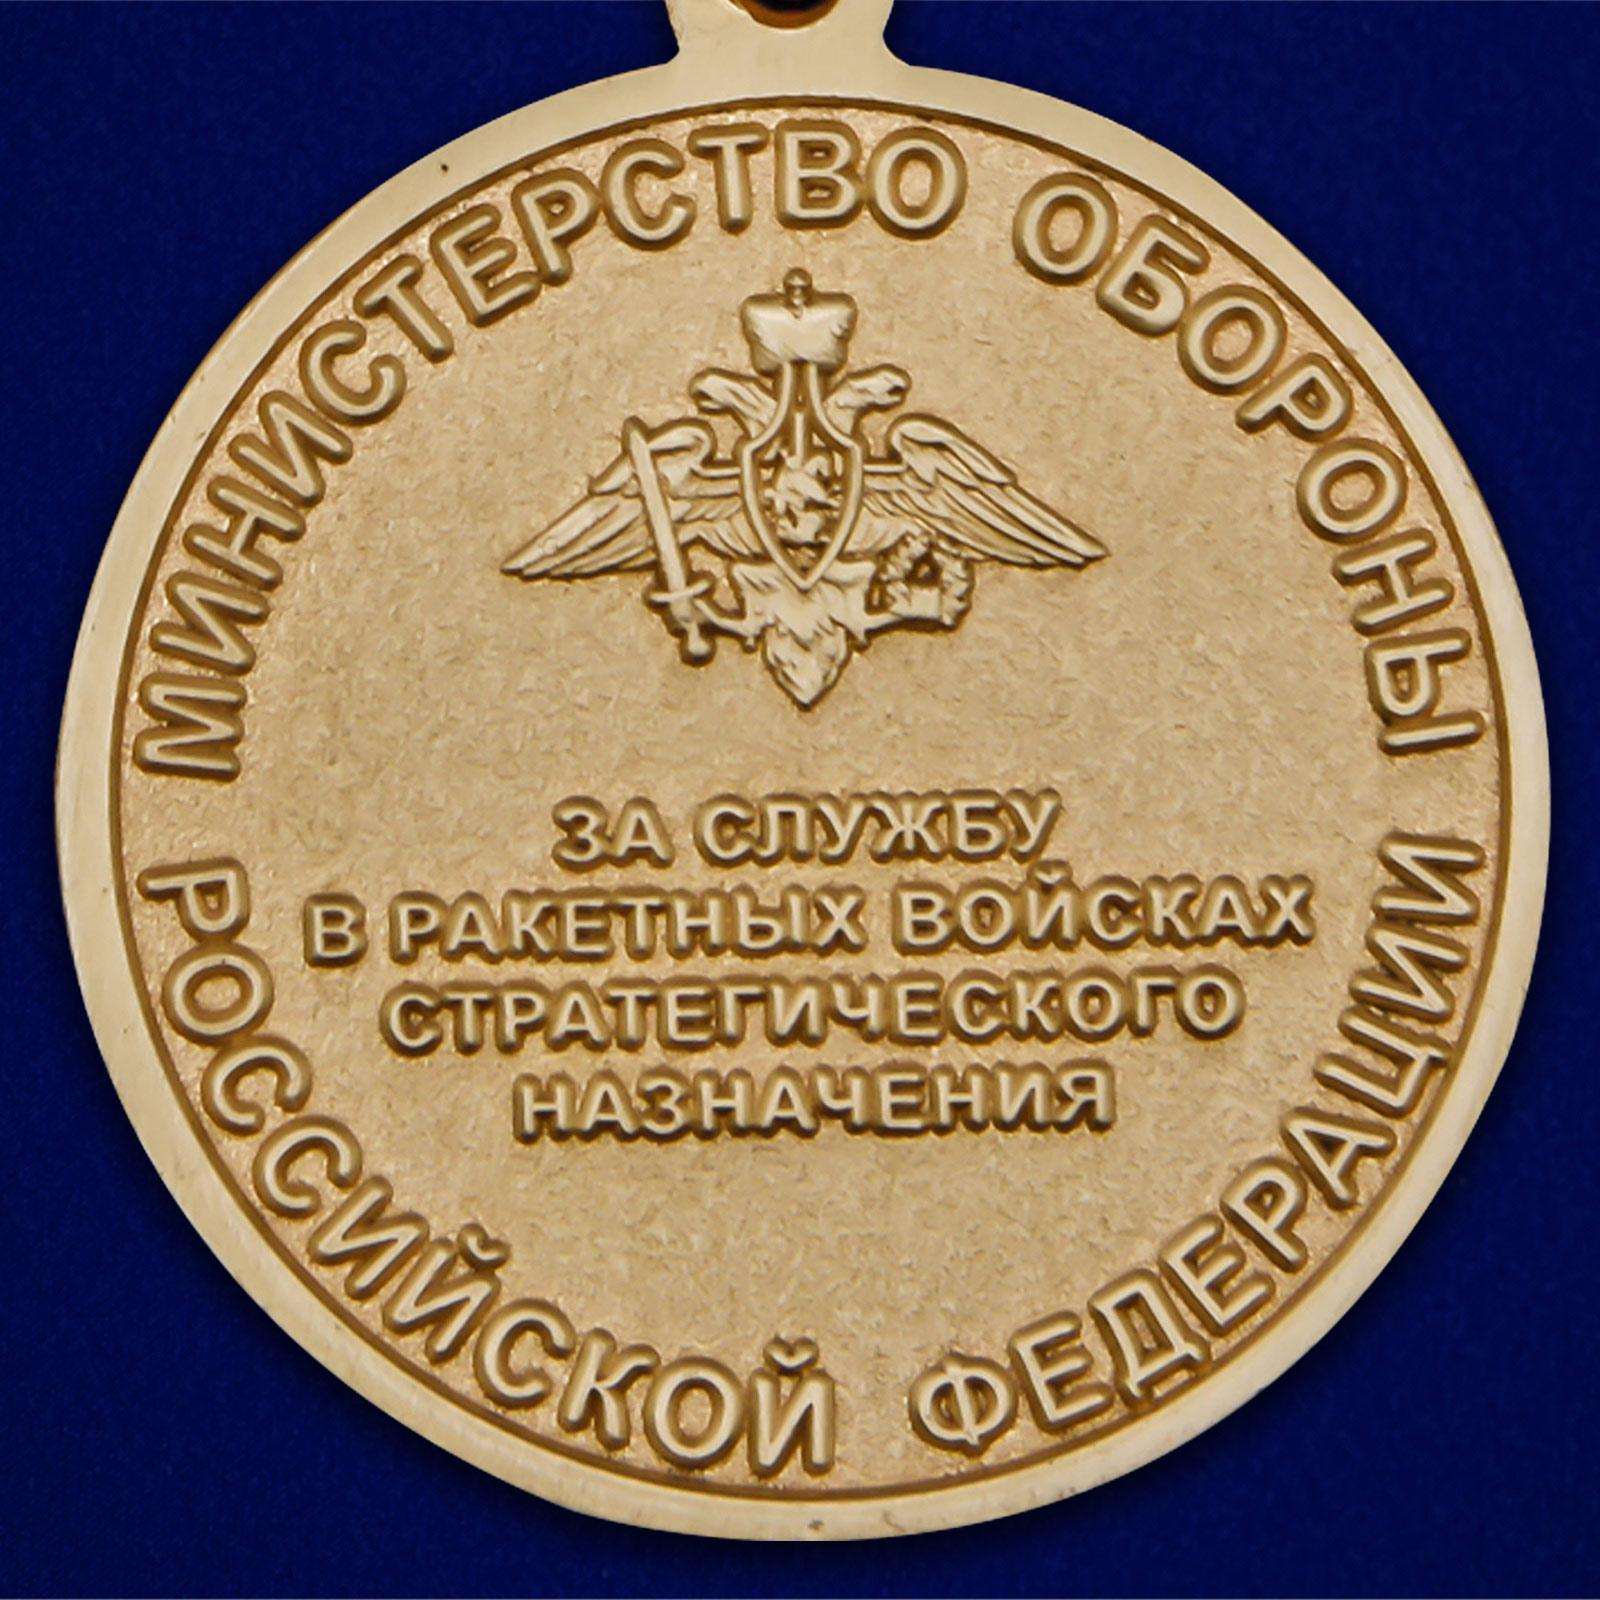 Латунная медаль За службу в Ракетных войсках стратегического назначения